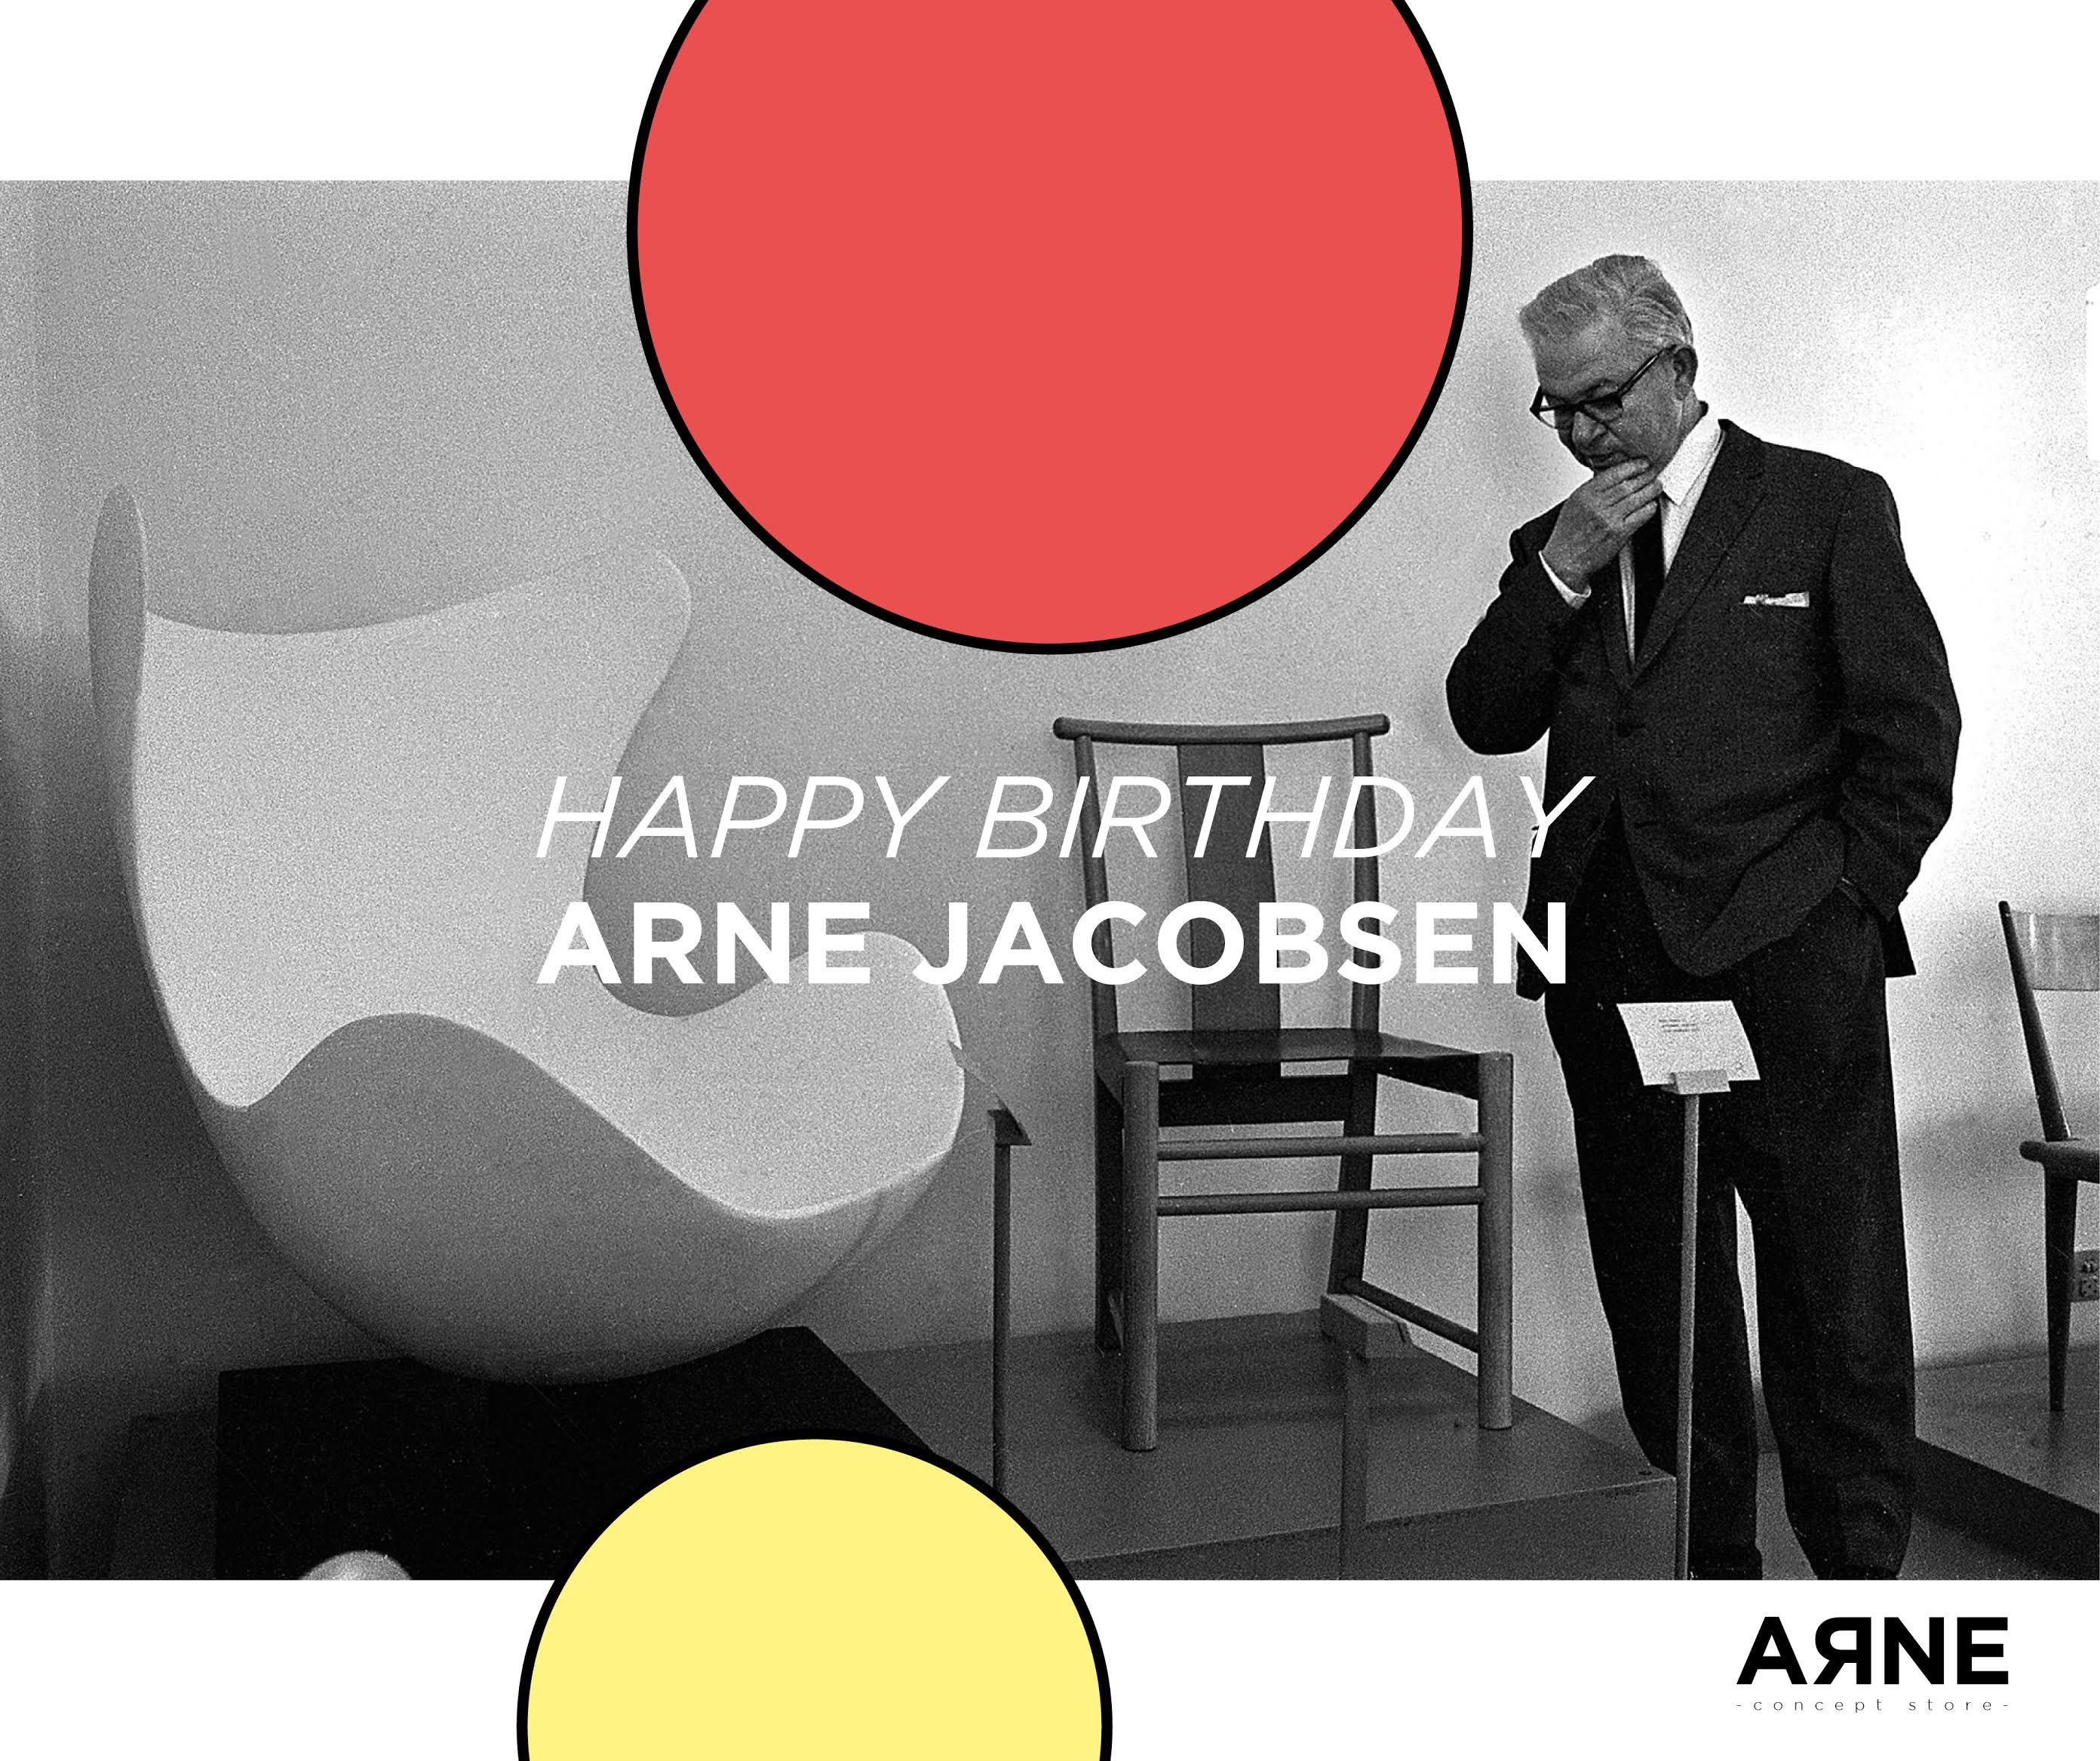 11 février : Joyeux anniversaire Monsieur JACOBSEN !